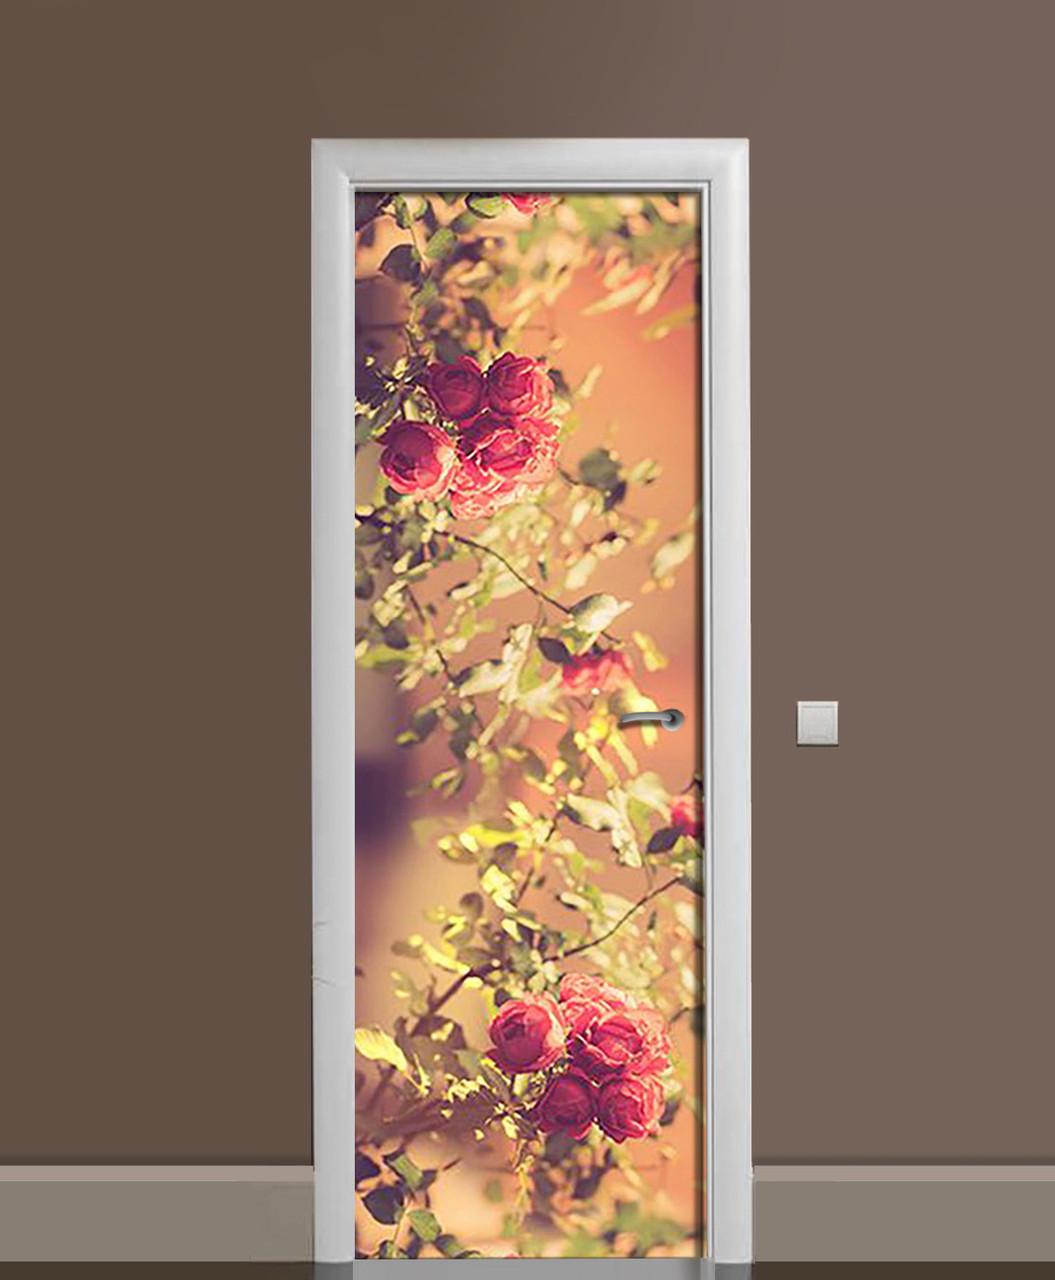 Наклейка на двери Фото Розы виниловая пленка ламинированная ПВХ сепия кусты цветы Бежевый 650*2000 мм